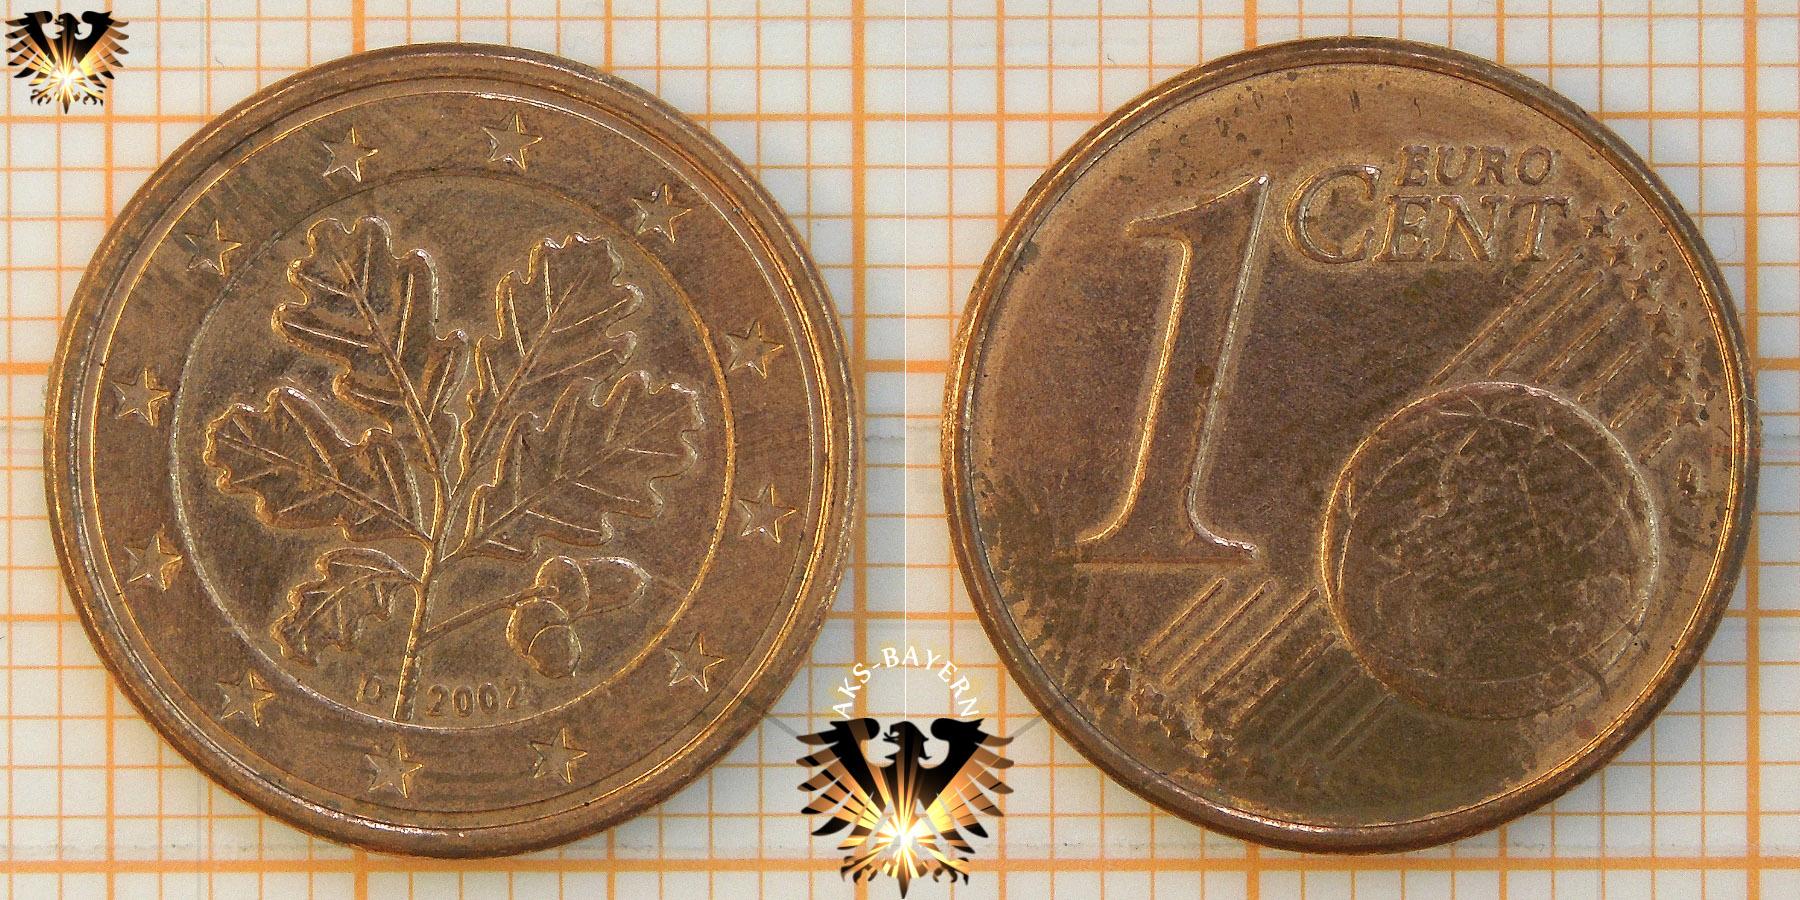 1 Cent Brd 2002 D Nominal Eurocent